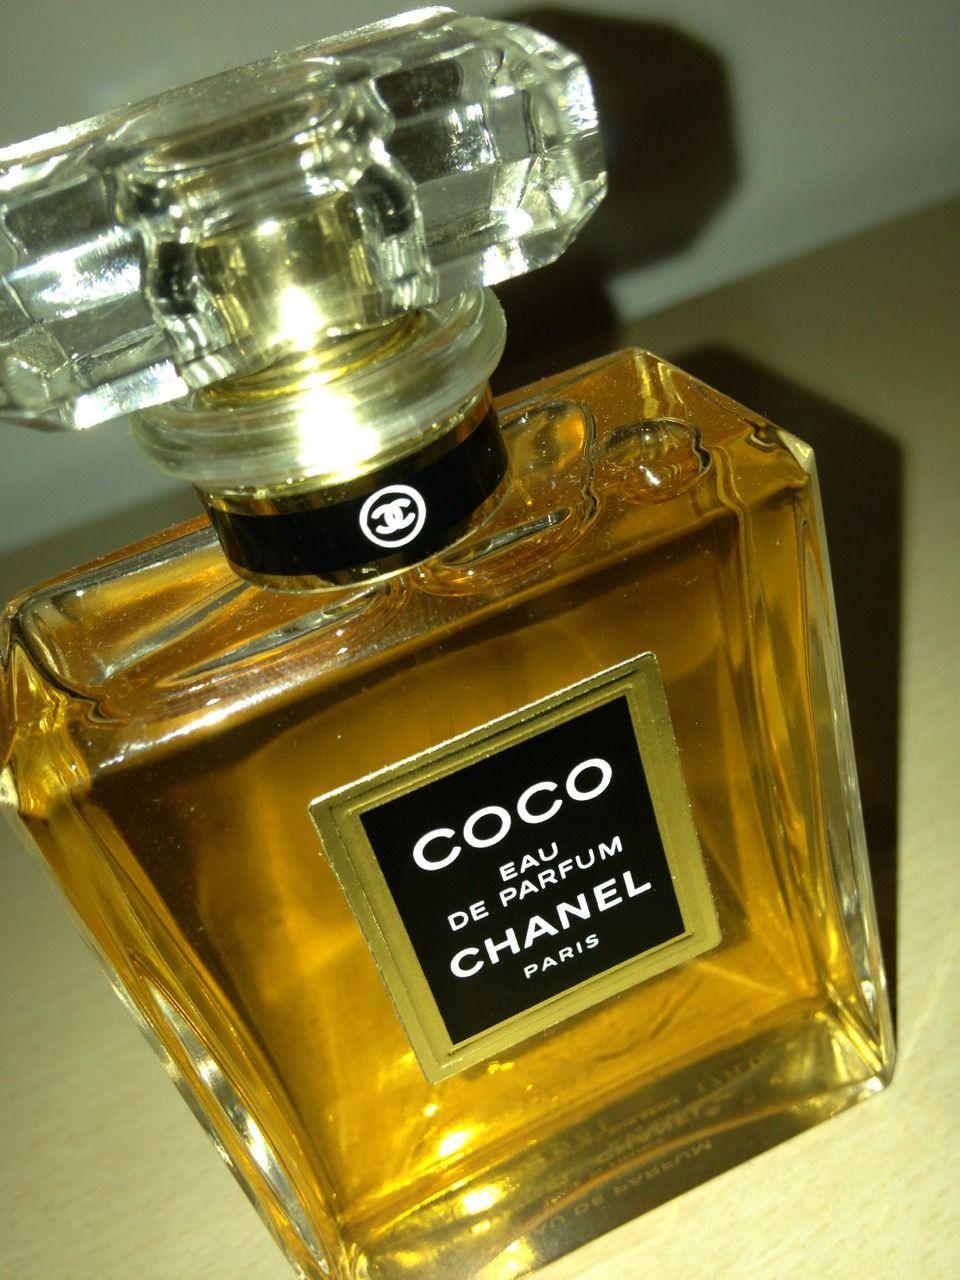 30 Chanel Perfume Tumblr Heerlijk Deze Parfum Echt Mijn